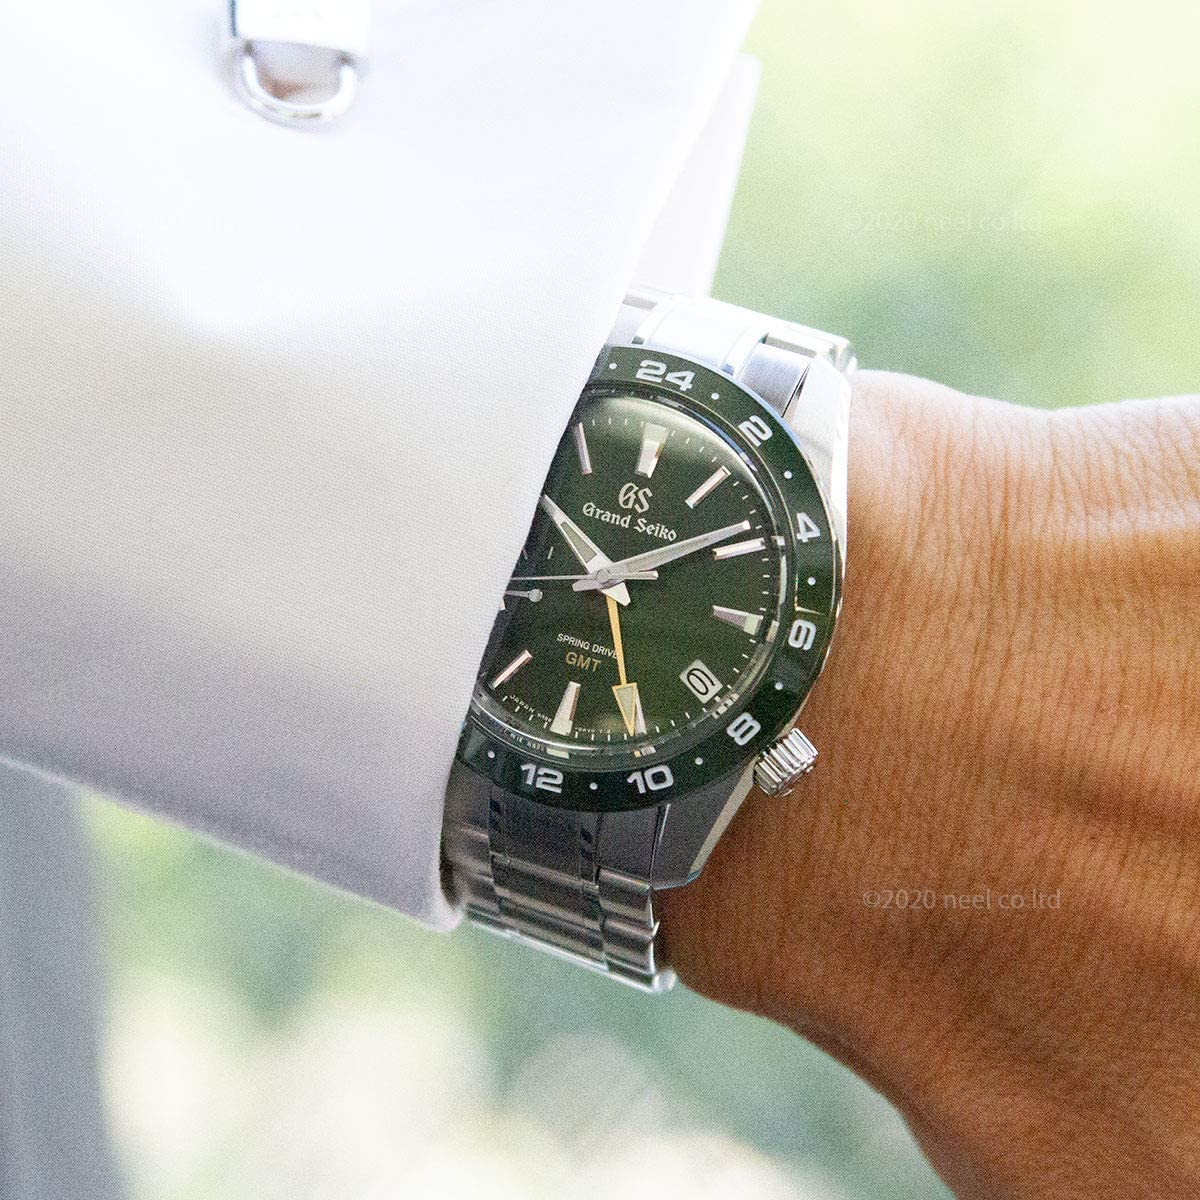 日本を代表する高級時計「GRAND SEIKO(グランドセイコー)」おすすめ3選!【2021年4月】 | ねとらぼ調査隊